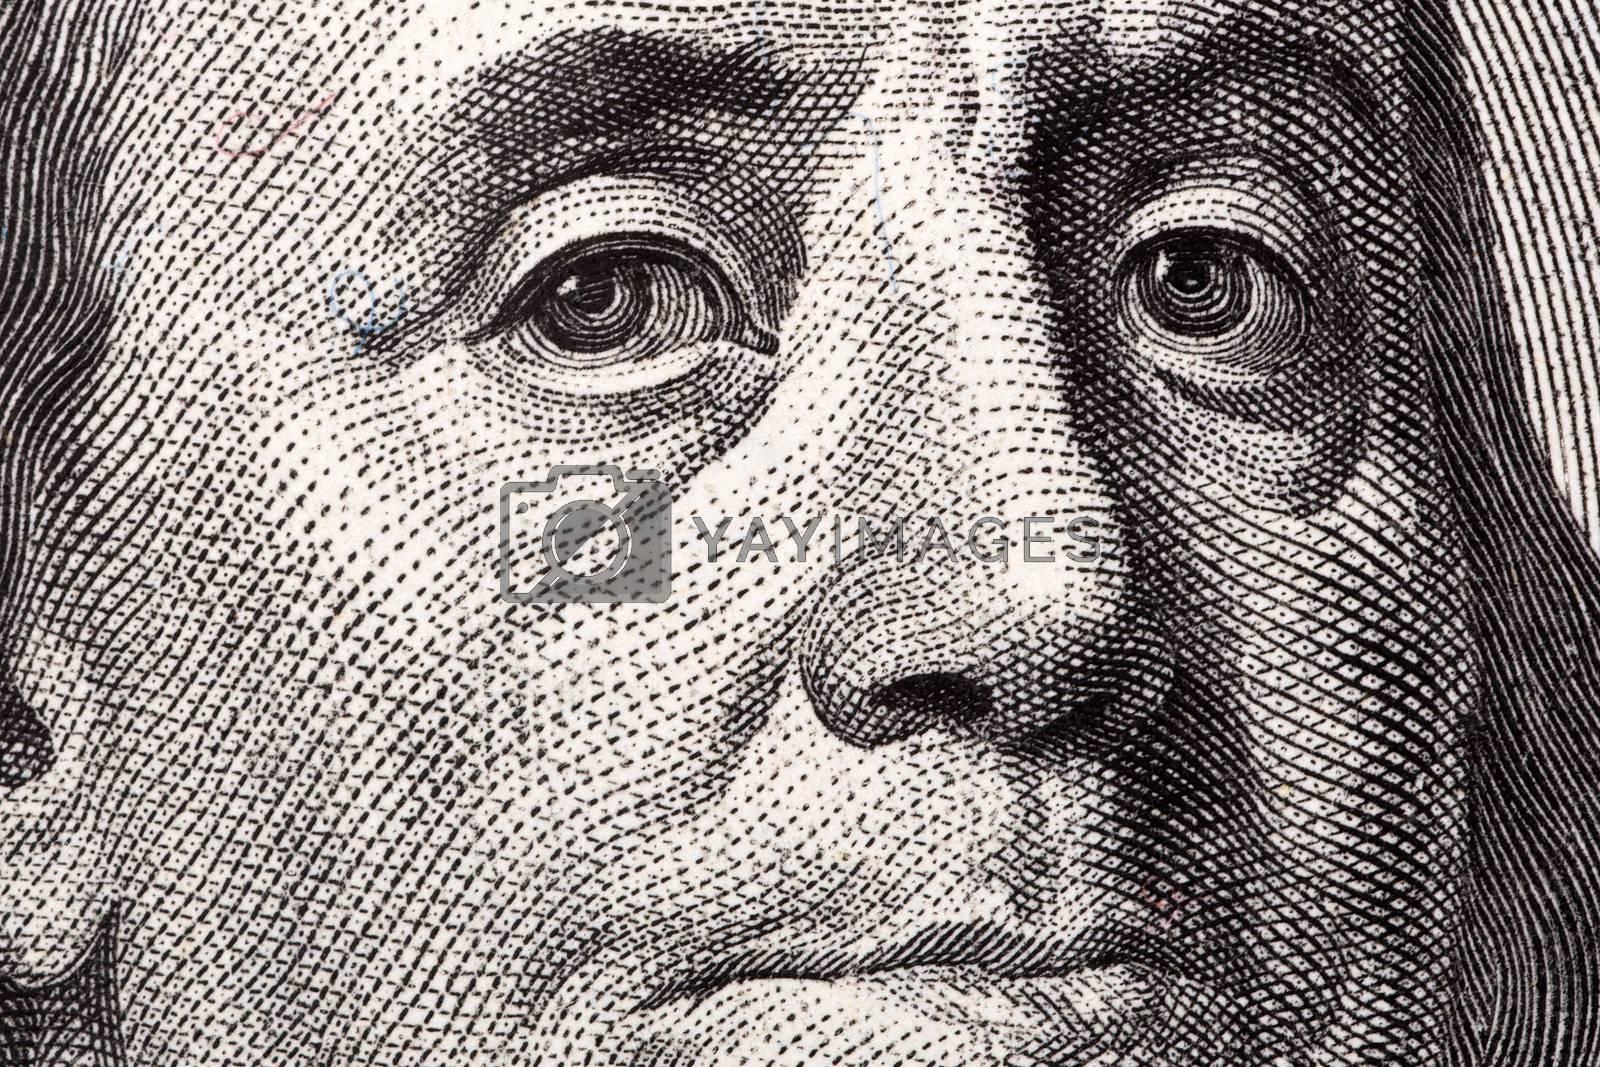 Benjamin Franklin, a close-up portrait on US hundred dollars